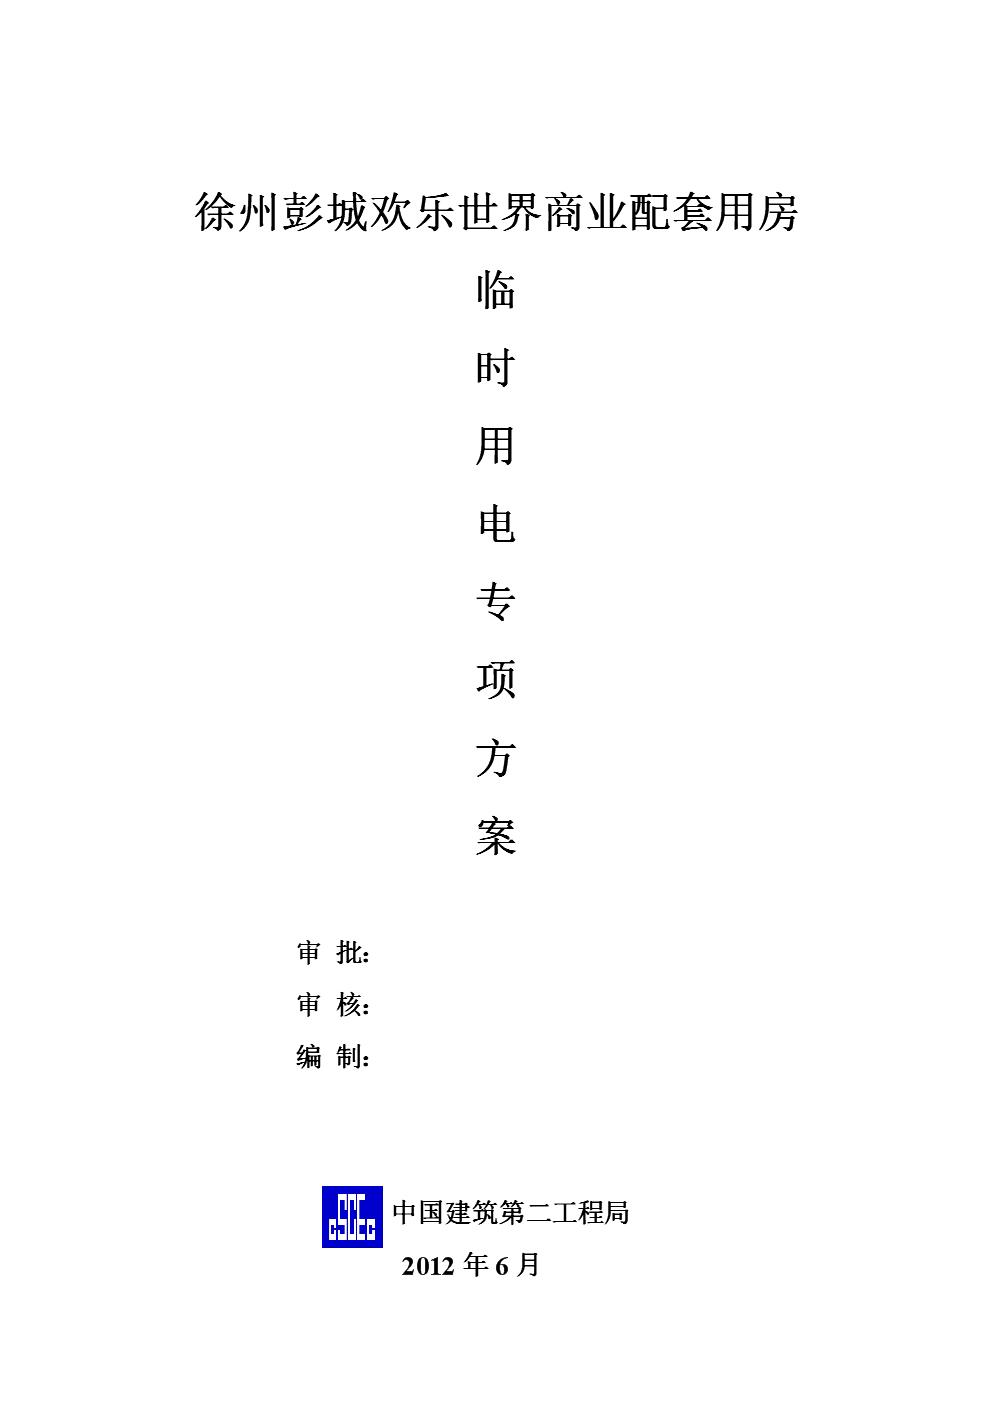 商业配套用房临电方案.doc